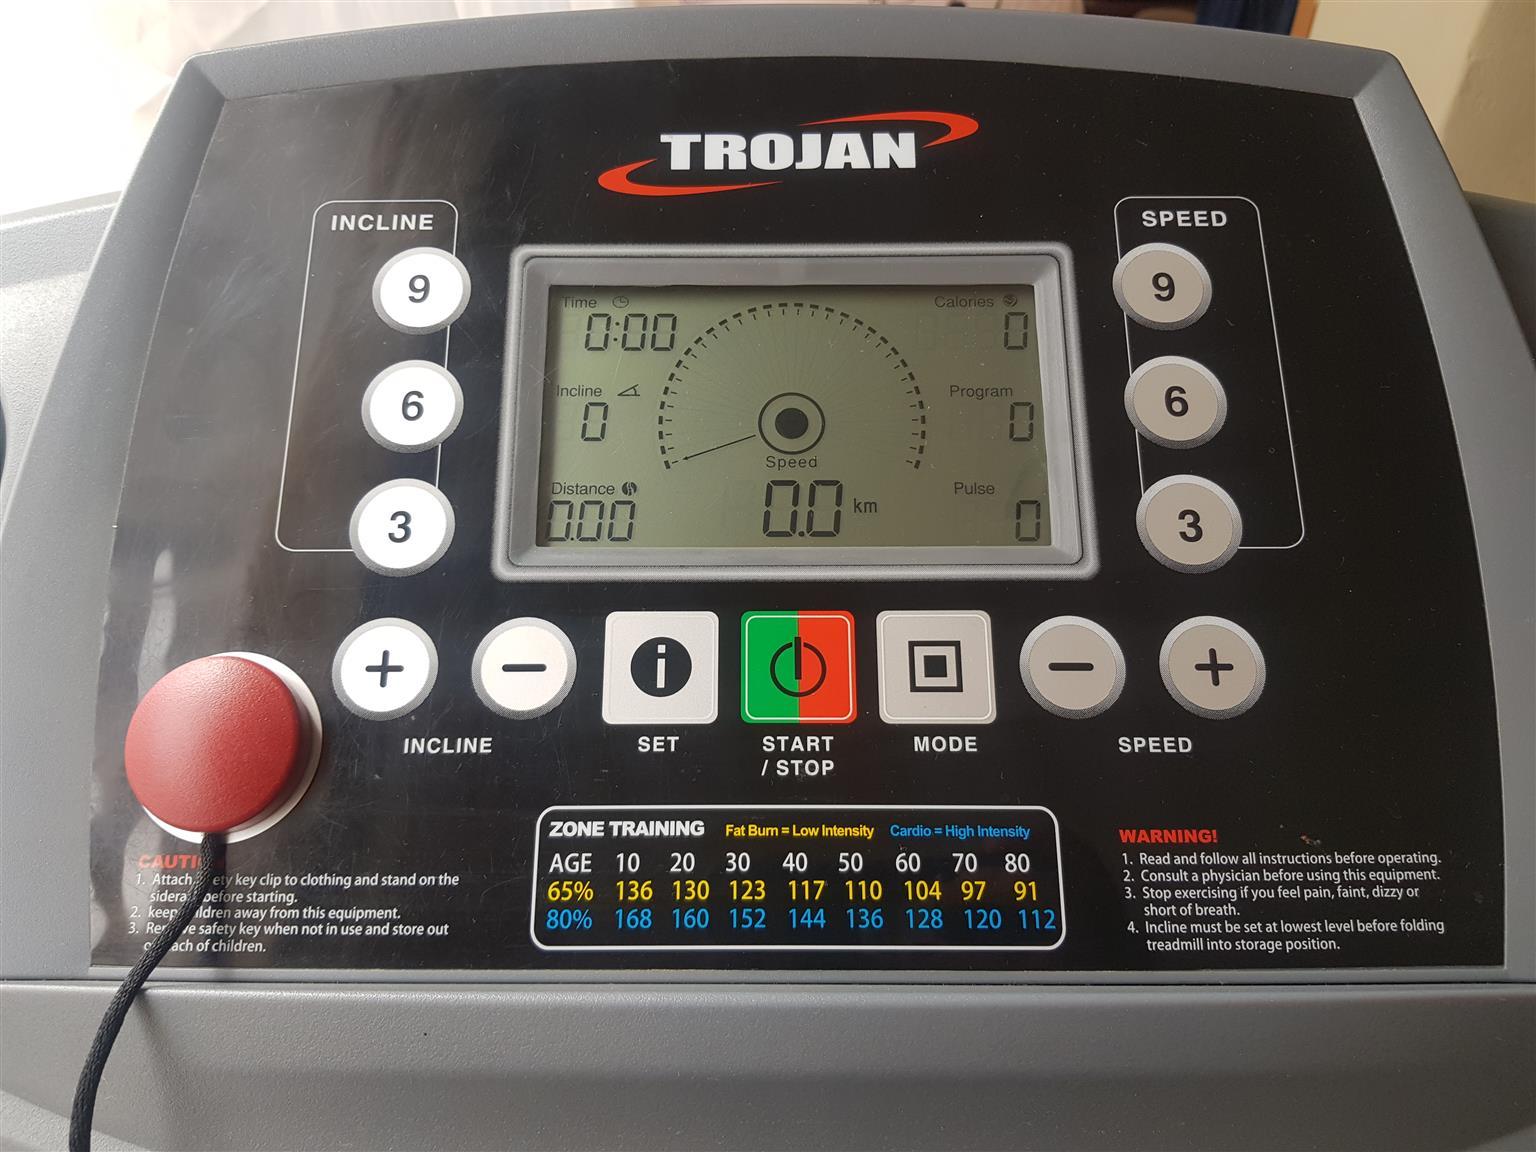 Trojan treadmill